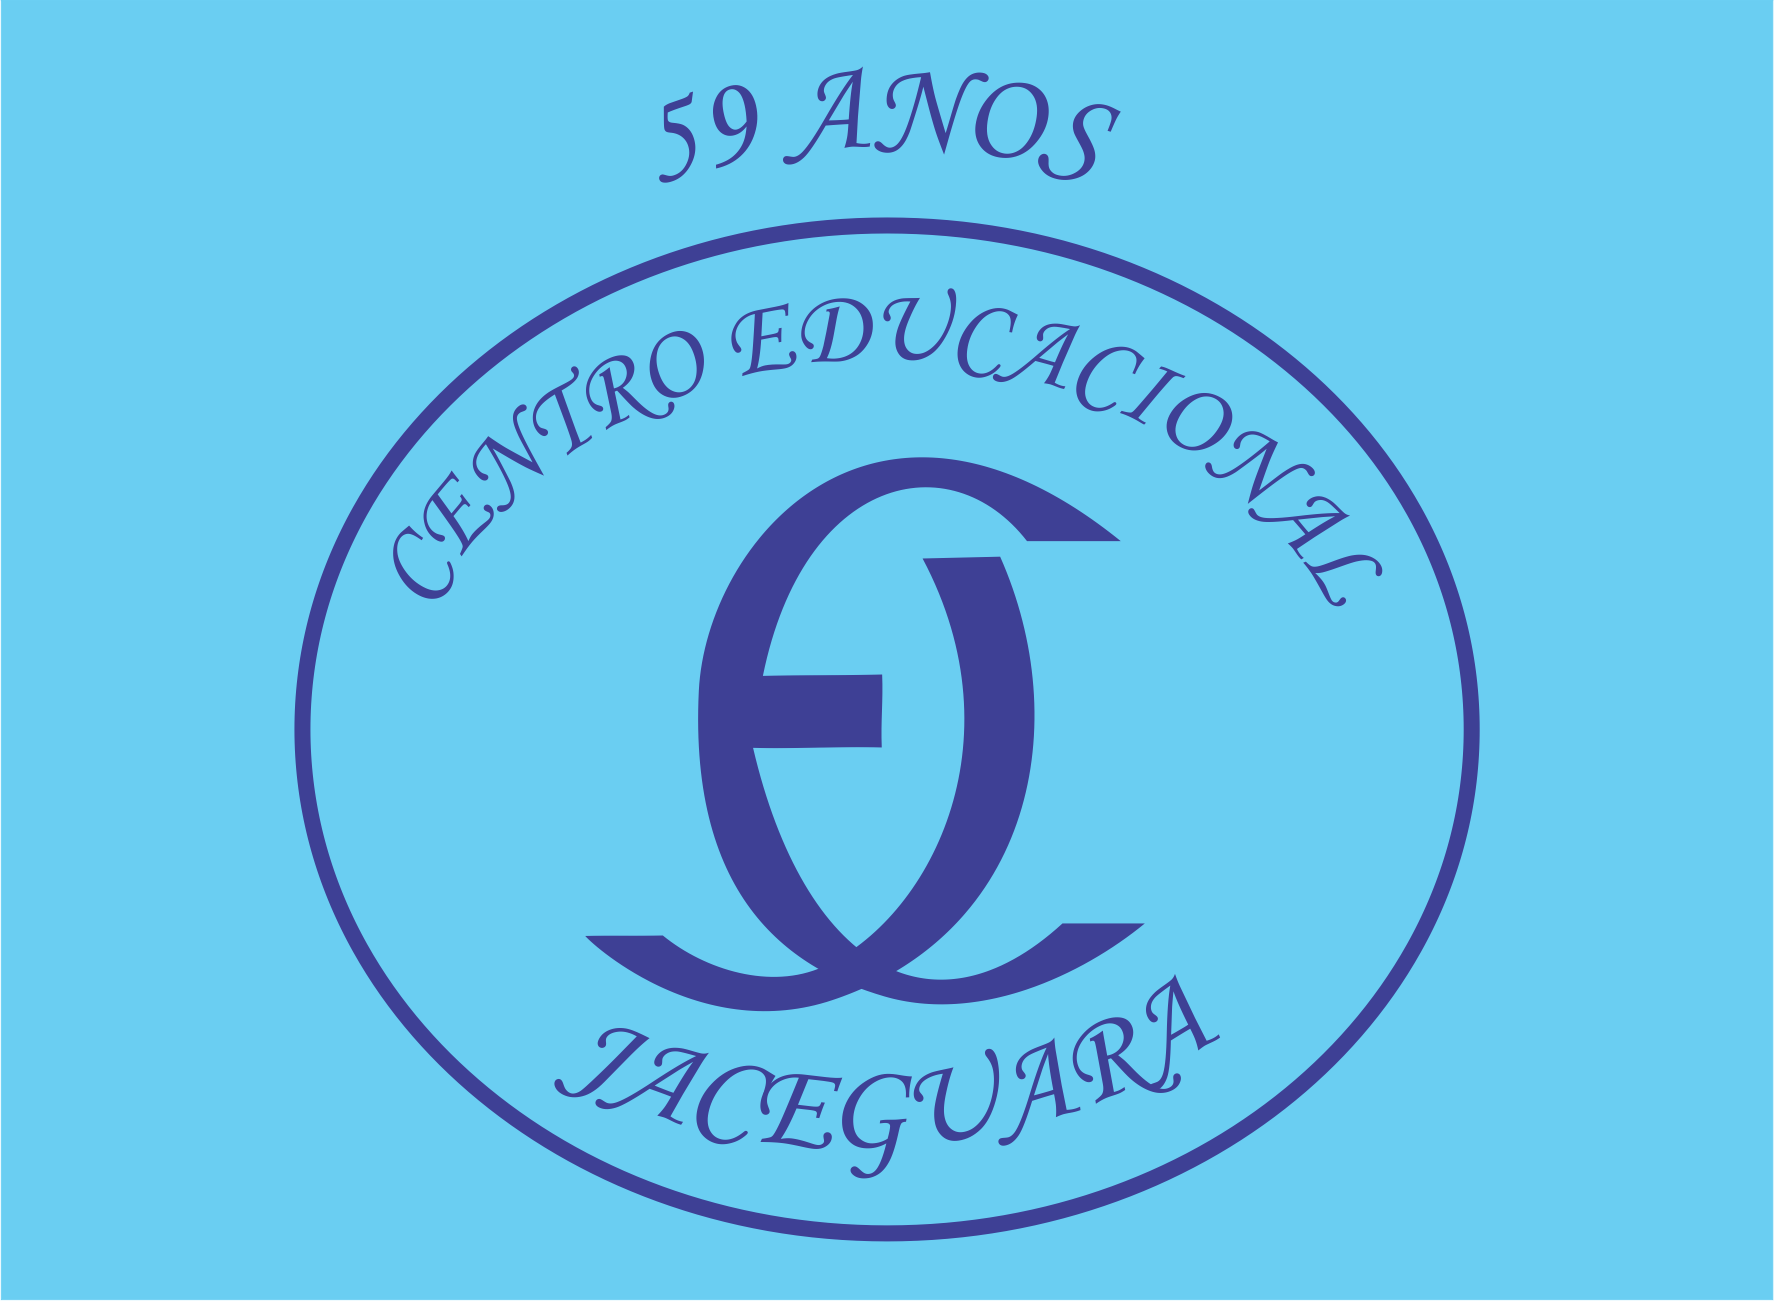 Centro Educacional Jaceguara